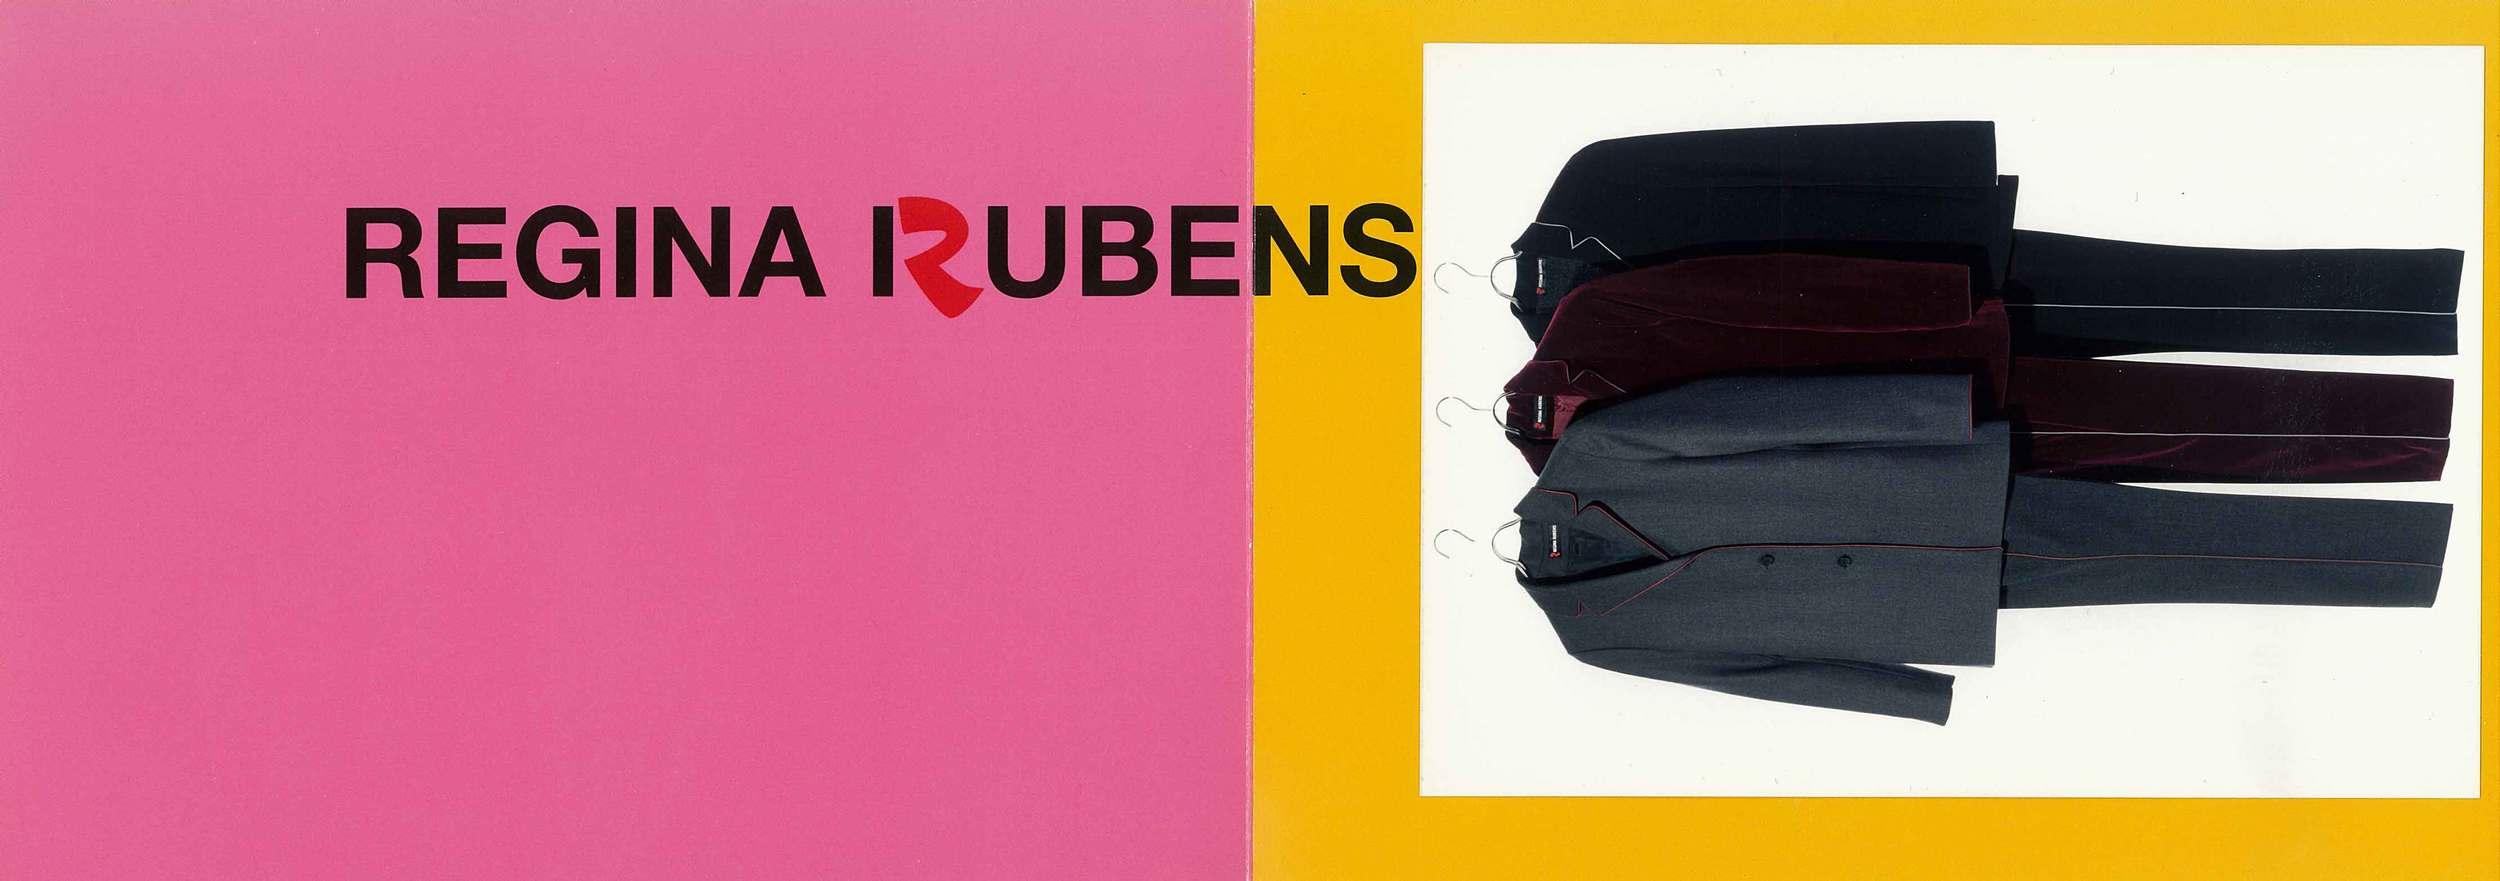 Rubens-1.jpg